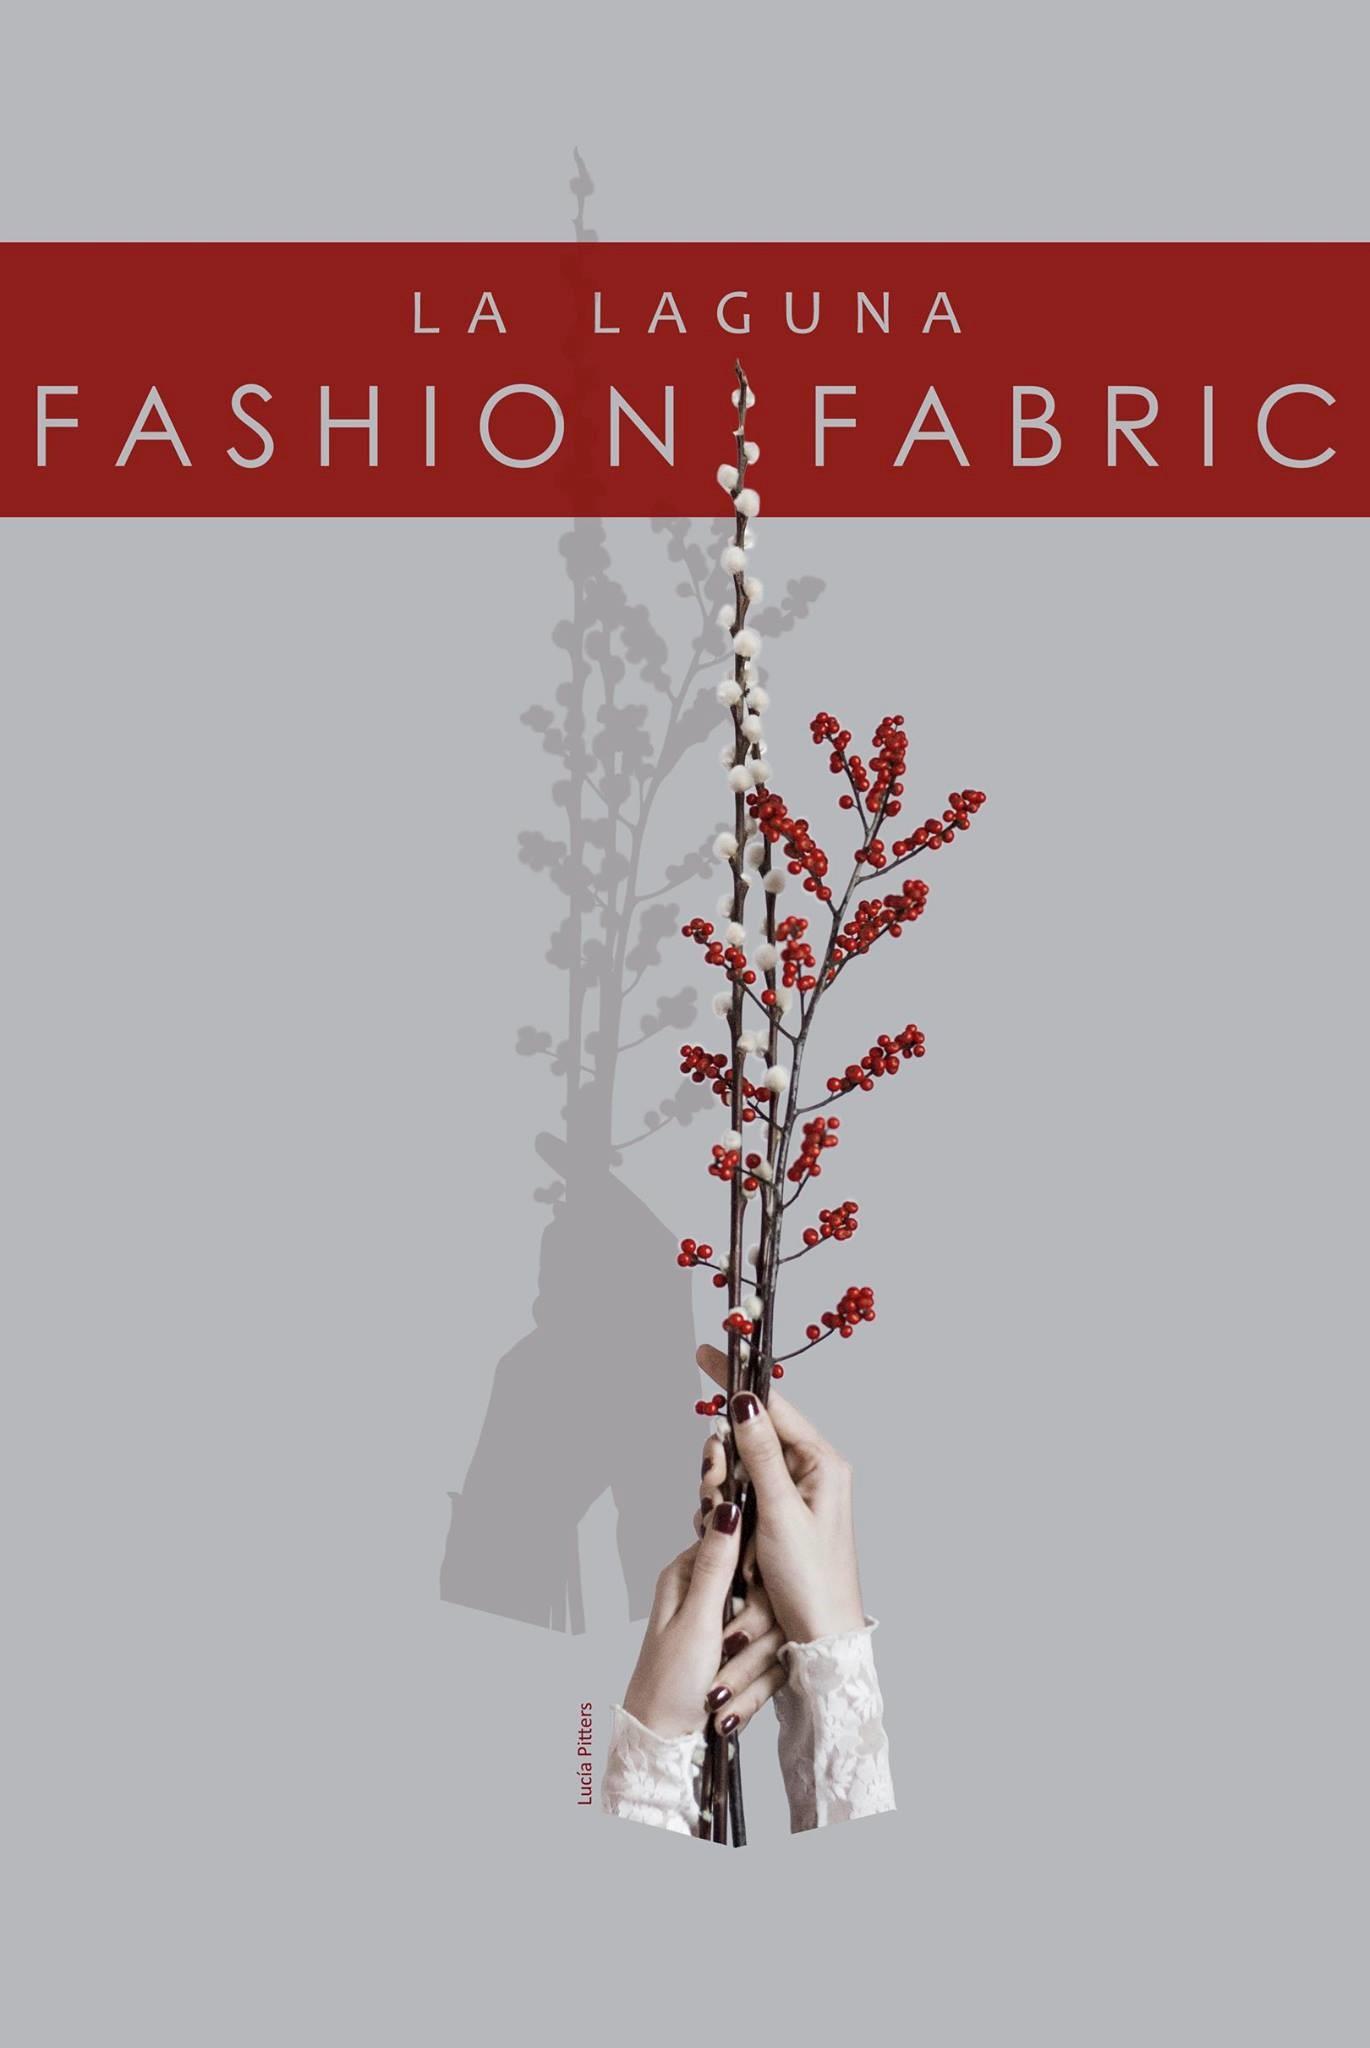 laguna fashion fabric